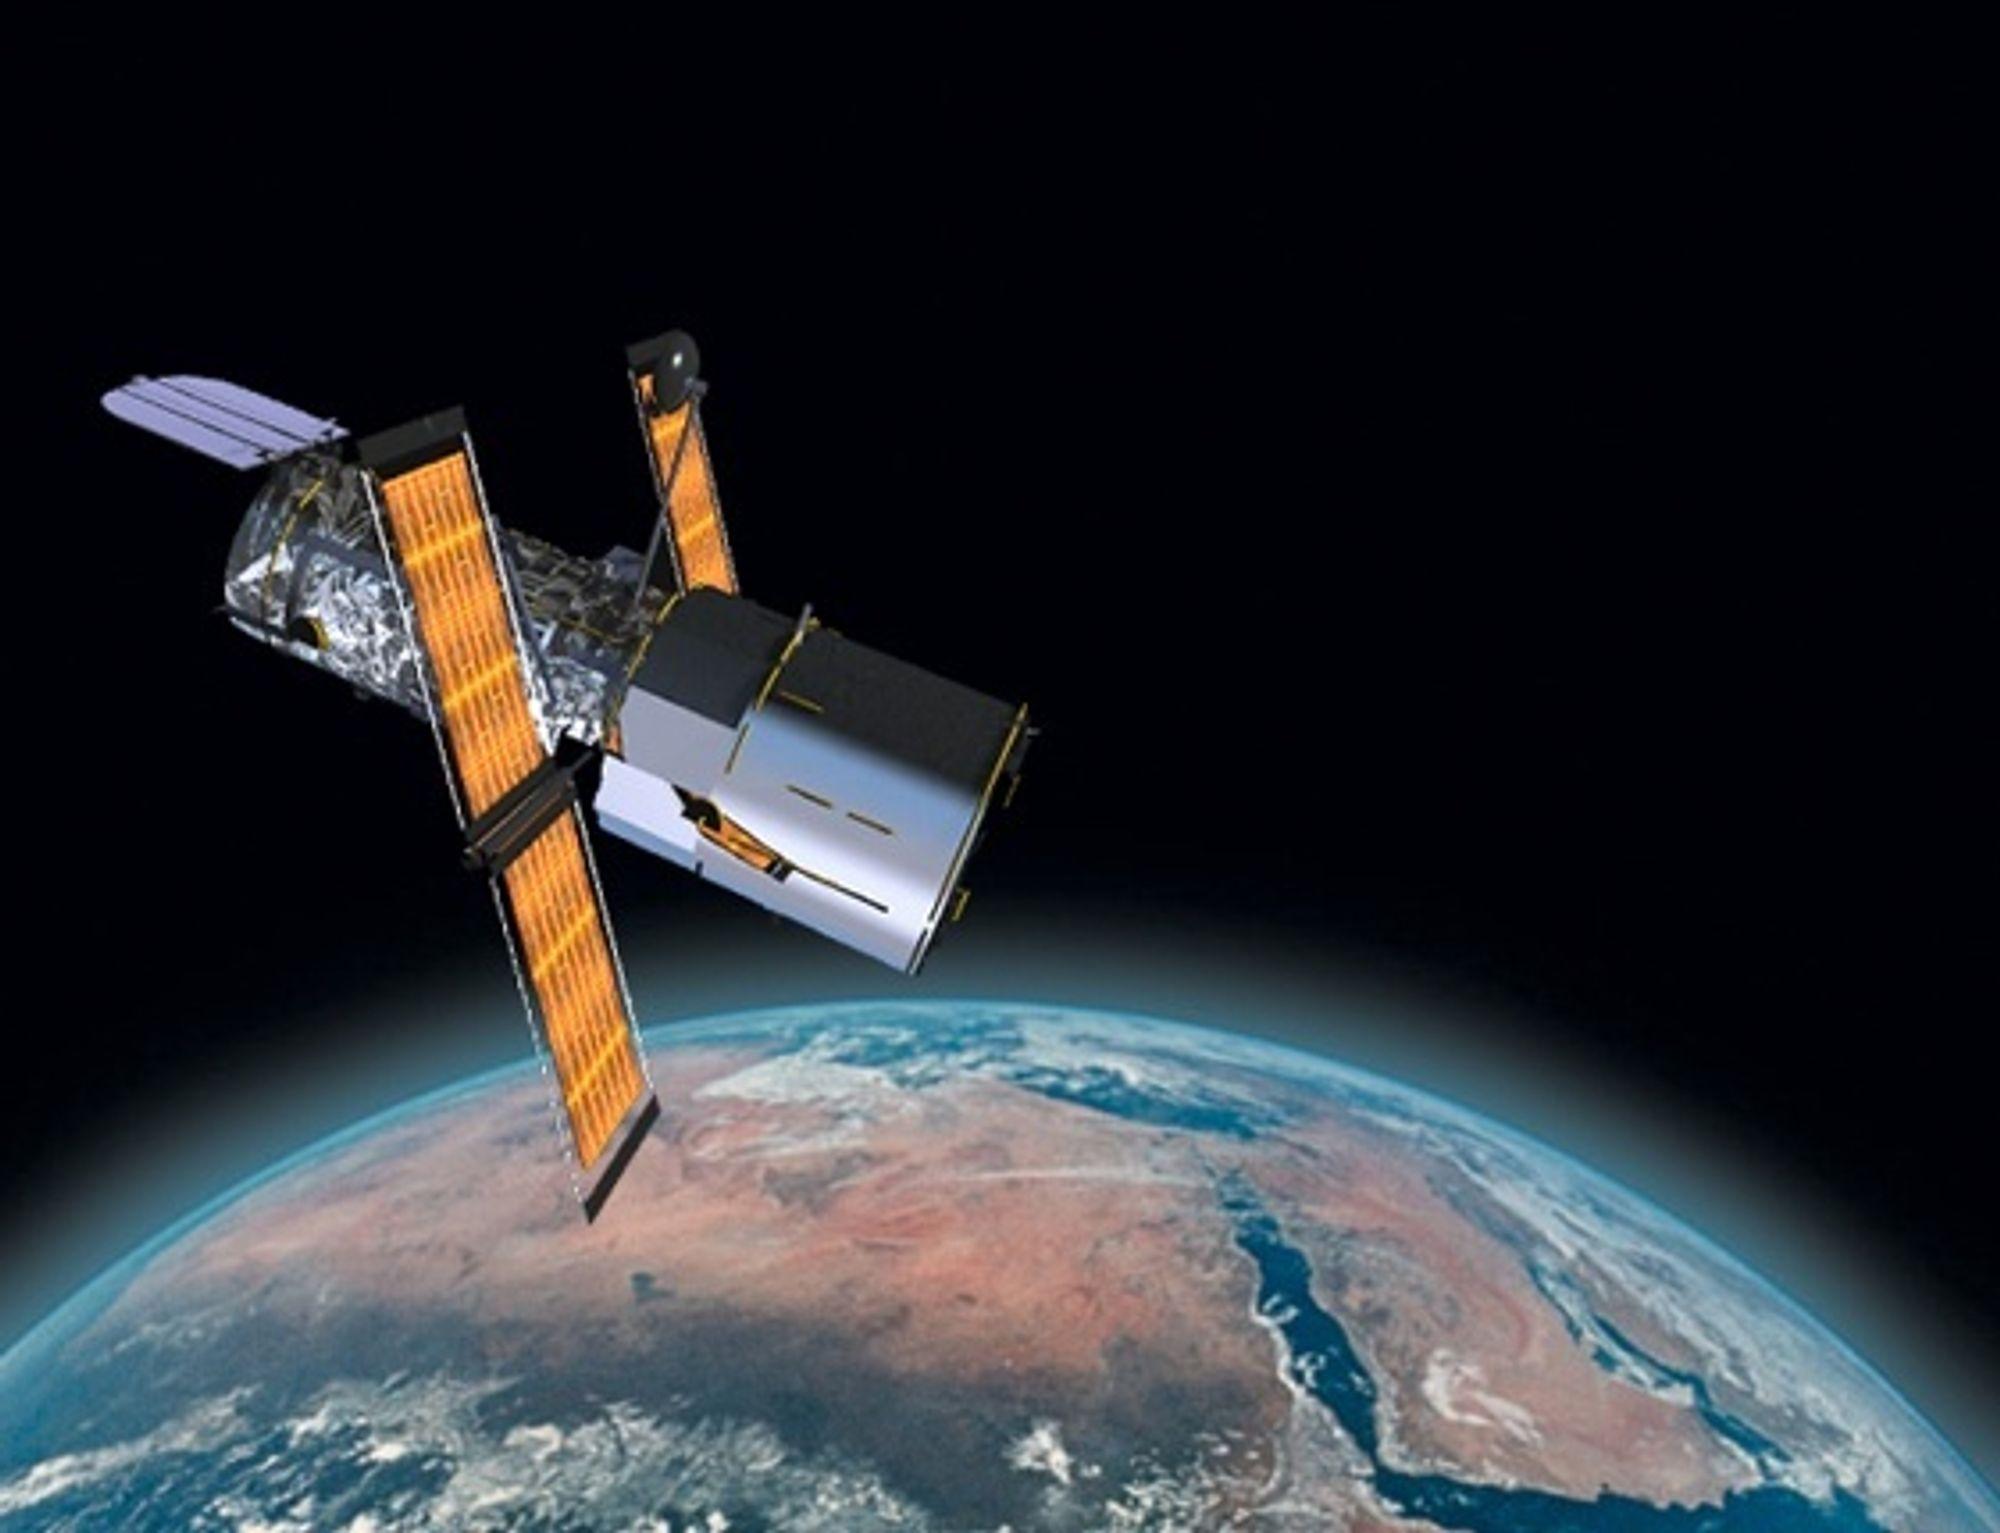 Romteleskopet Hubble har i 15 år sendt unike bilder til jorda. Om ett år er det slutt. ILL: NASA